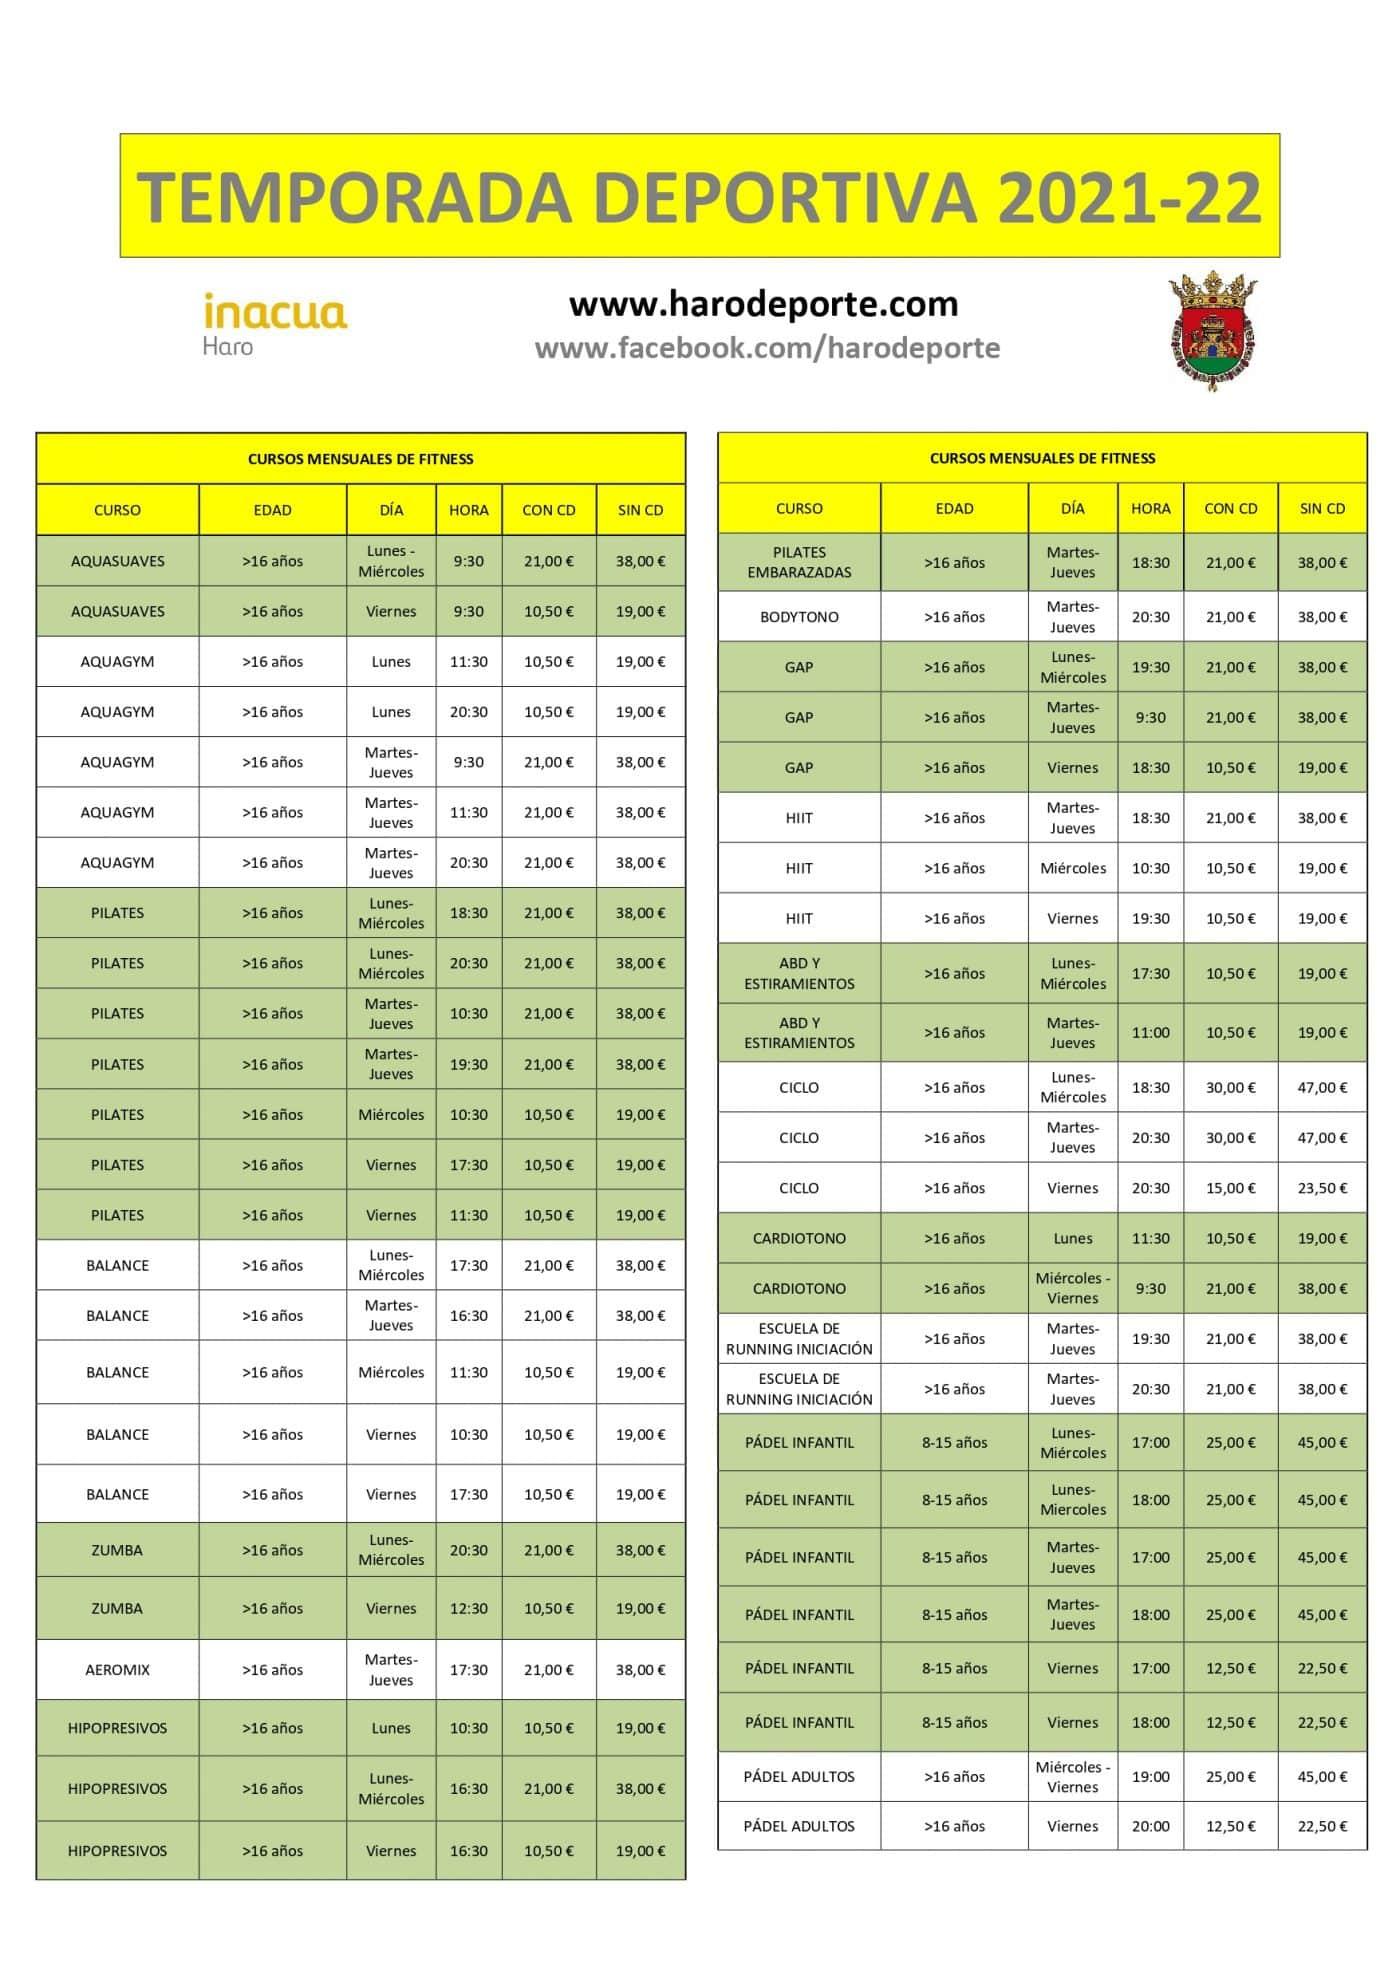 Abierto el plazo de inscripción para los cursos deportivos de Haro 2021-2022 1